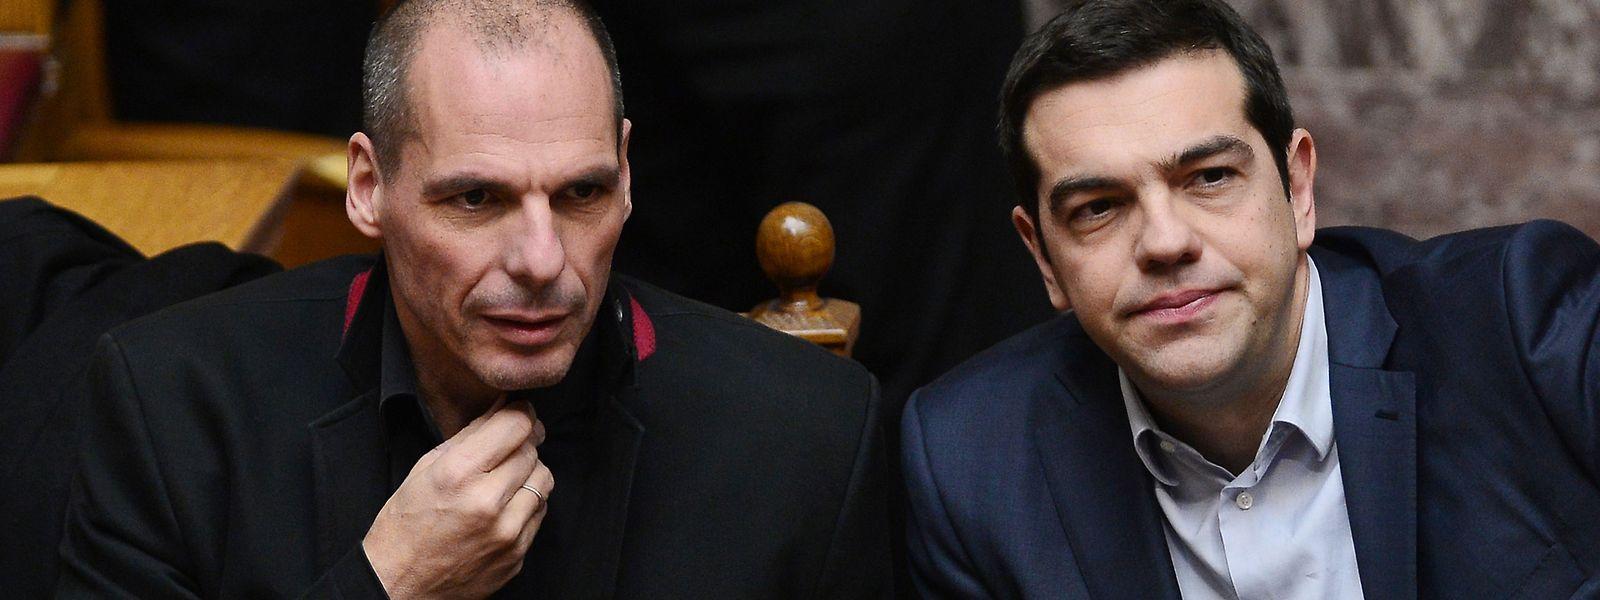 Sie sind kein Traumpaar mehr, sondern erbitterte Gegner: der frühere griechische Finanzminister Yanis Varoufakis (l.) und Premier Alexis Tsipras.